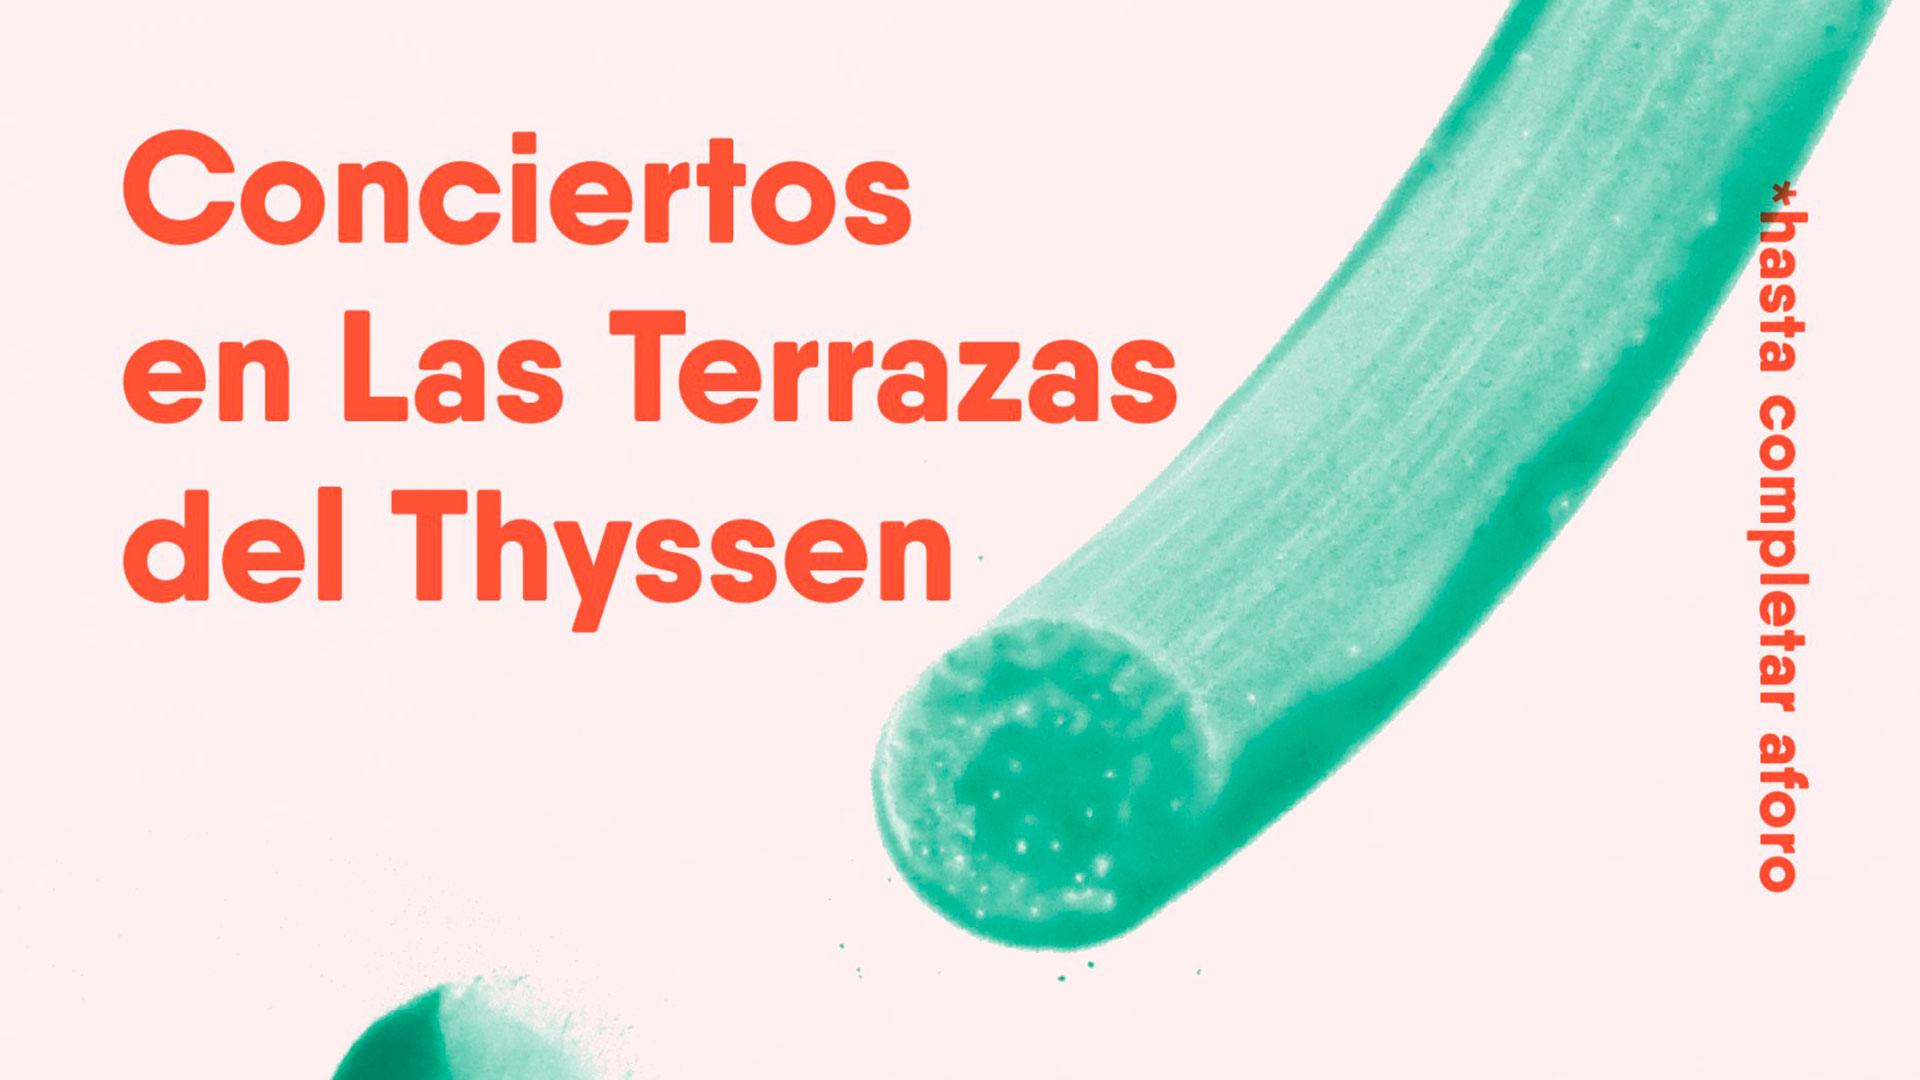 Una de Aperitivos Thyssen hero asset